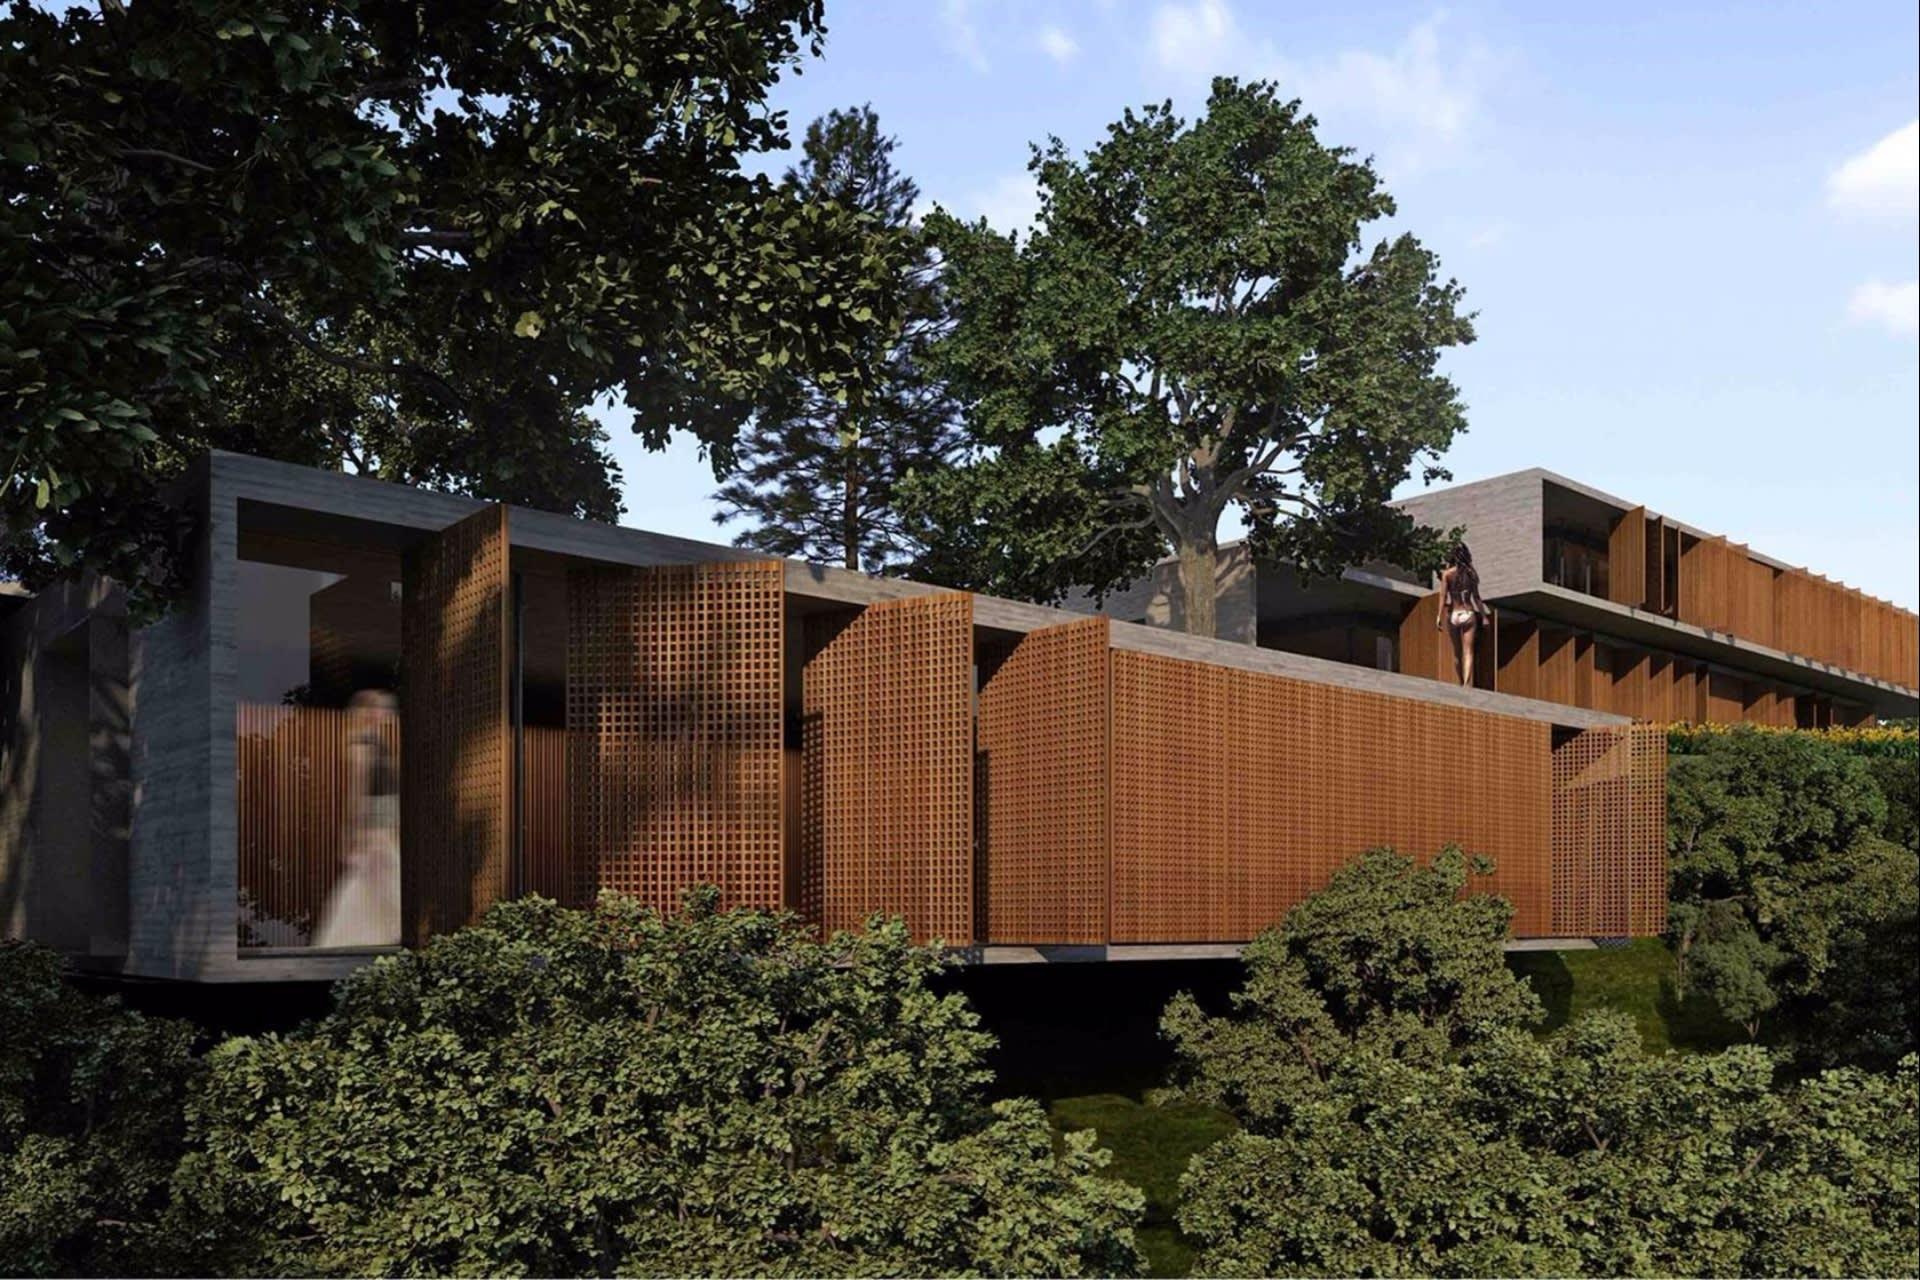 Maison unifamiliale pour l Vente à 800 Stradella Rd 800 Stradella Rd Los Angeles, Californie,90077 États-Unis